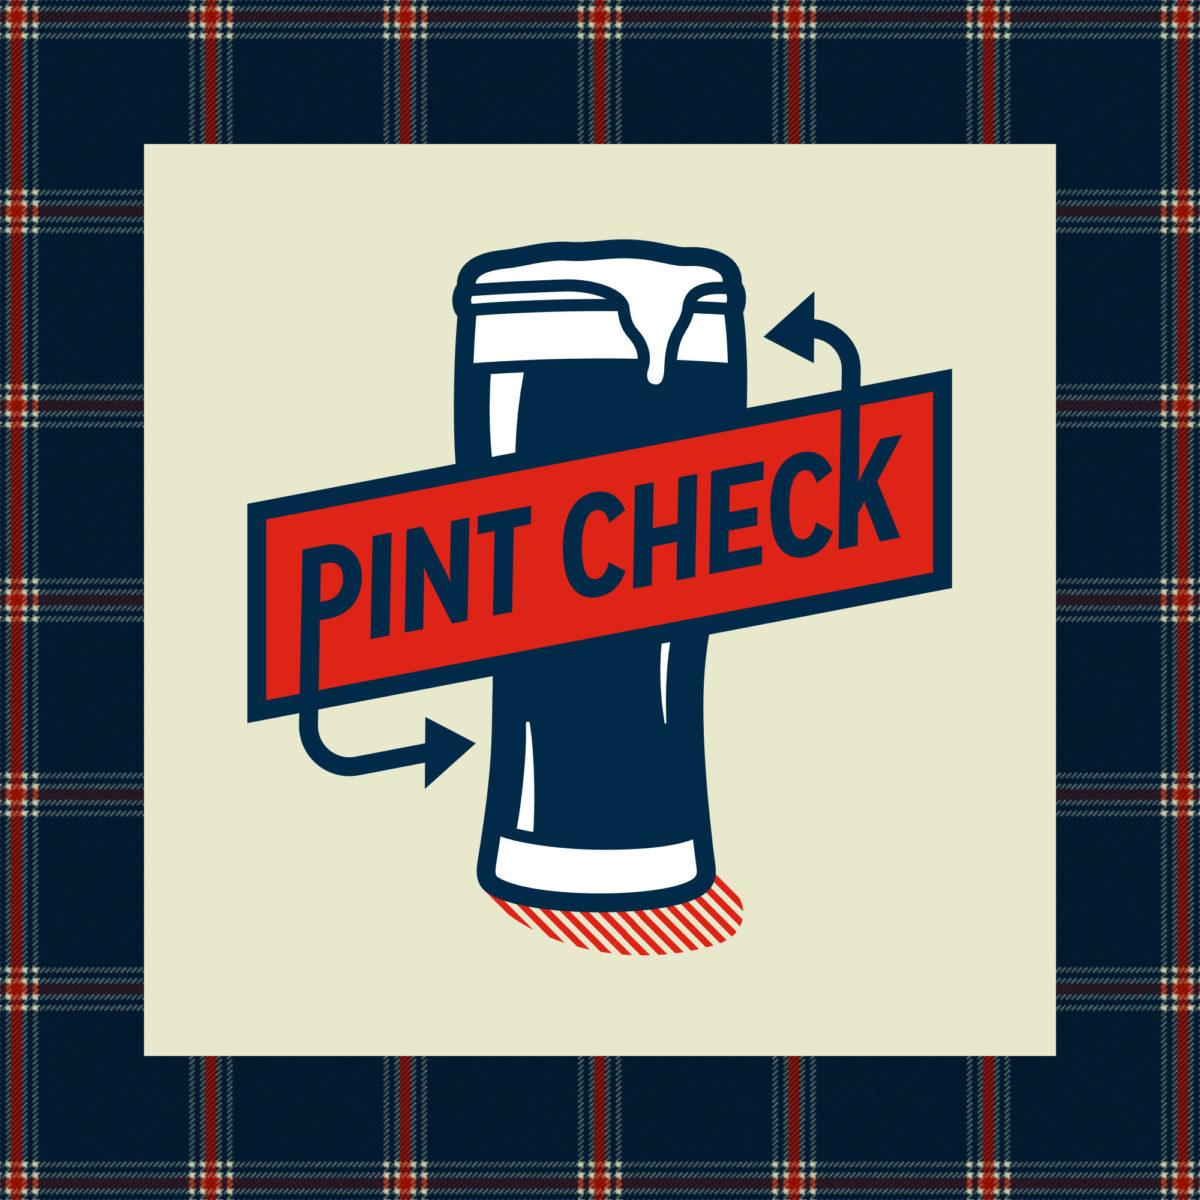 Pint Check